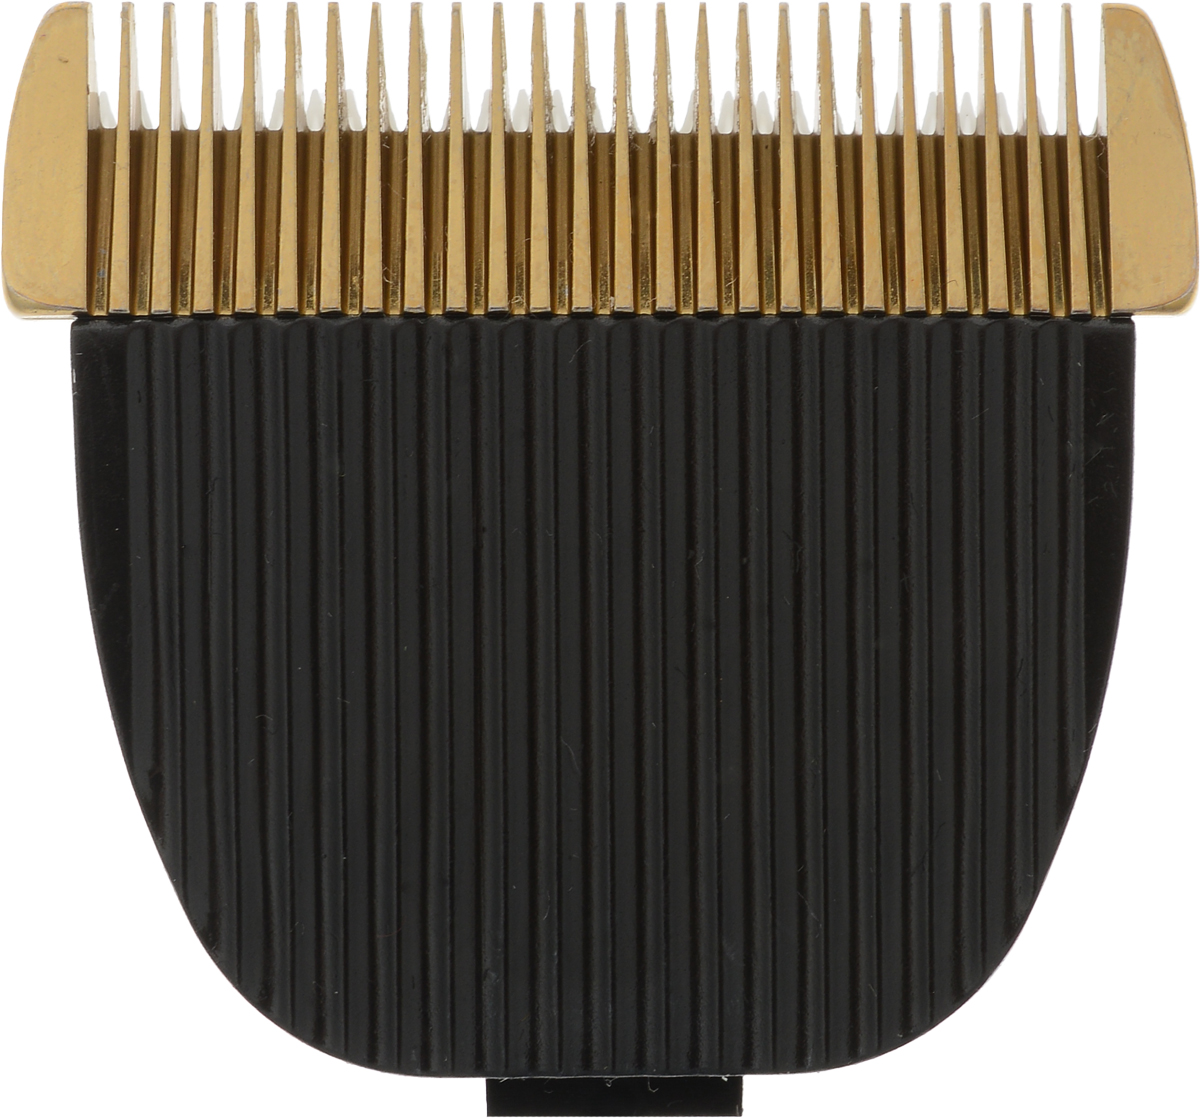 Сменный нож для Ziver-202, керамический, 45 мм. 20.ZV.00520.ZV.005Сменный нож для Ziver-202 выполнен из керамики. Подходит для машинки Ziver-202. Для увеличения срока службы ножа рекомендуется: - стричь только чистую шерсть; - периодически смазывать нож; - после стрижки тщательно чистить нож щеточкой.Ширина лезвия: 45 мм.Общий размер насадки: 4,5 см х 4,3 см х 1,5 см.Линька под контролем! Статья OZON Гид